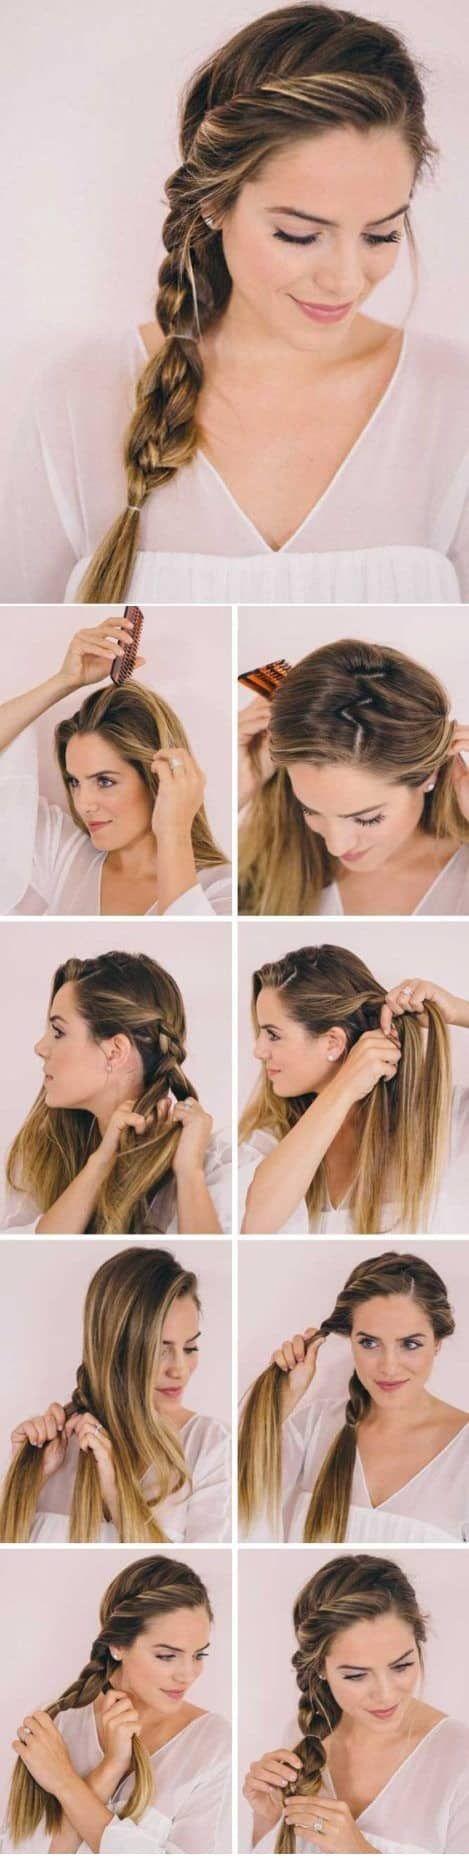 32 Peinados Faciles Y Rapidos Paso A Paso Modelos 2018 Hair Hair